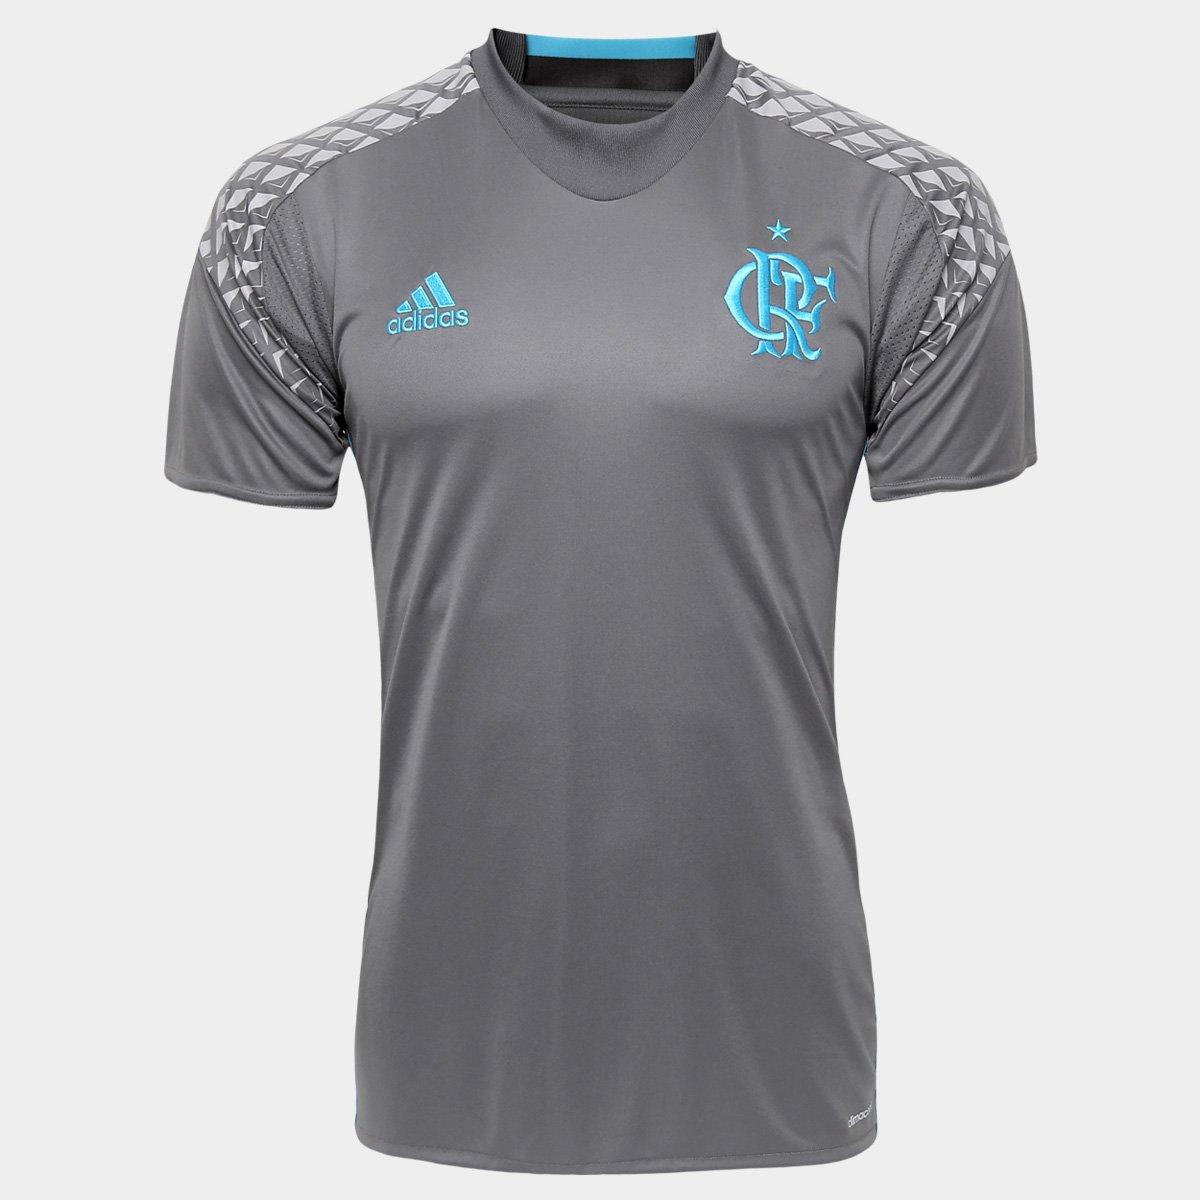 06f15ab57f Camisa Flamengo Goleiro 2016 s nº - Torcedor Adidas Masculina - Compre  Agora